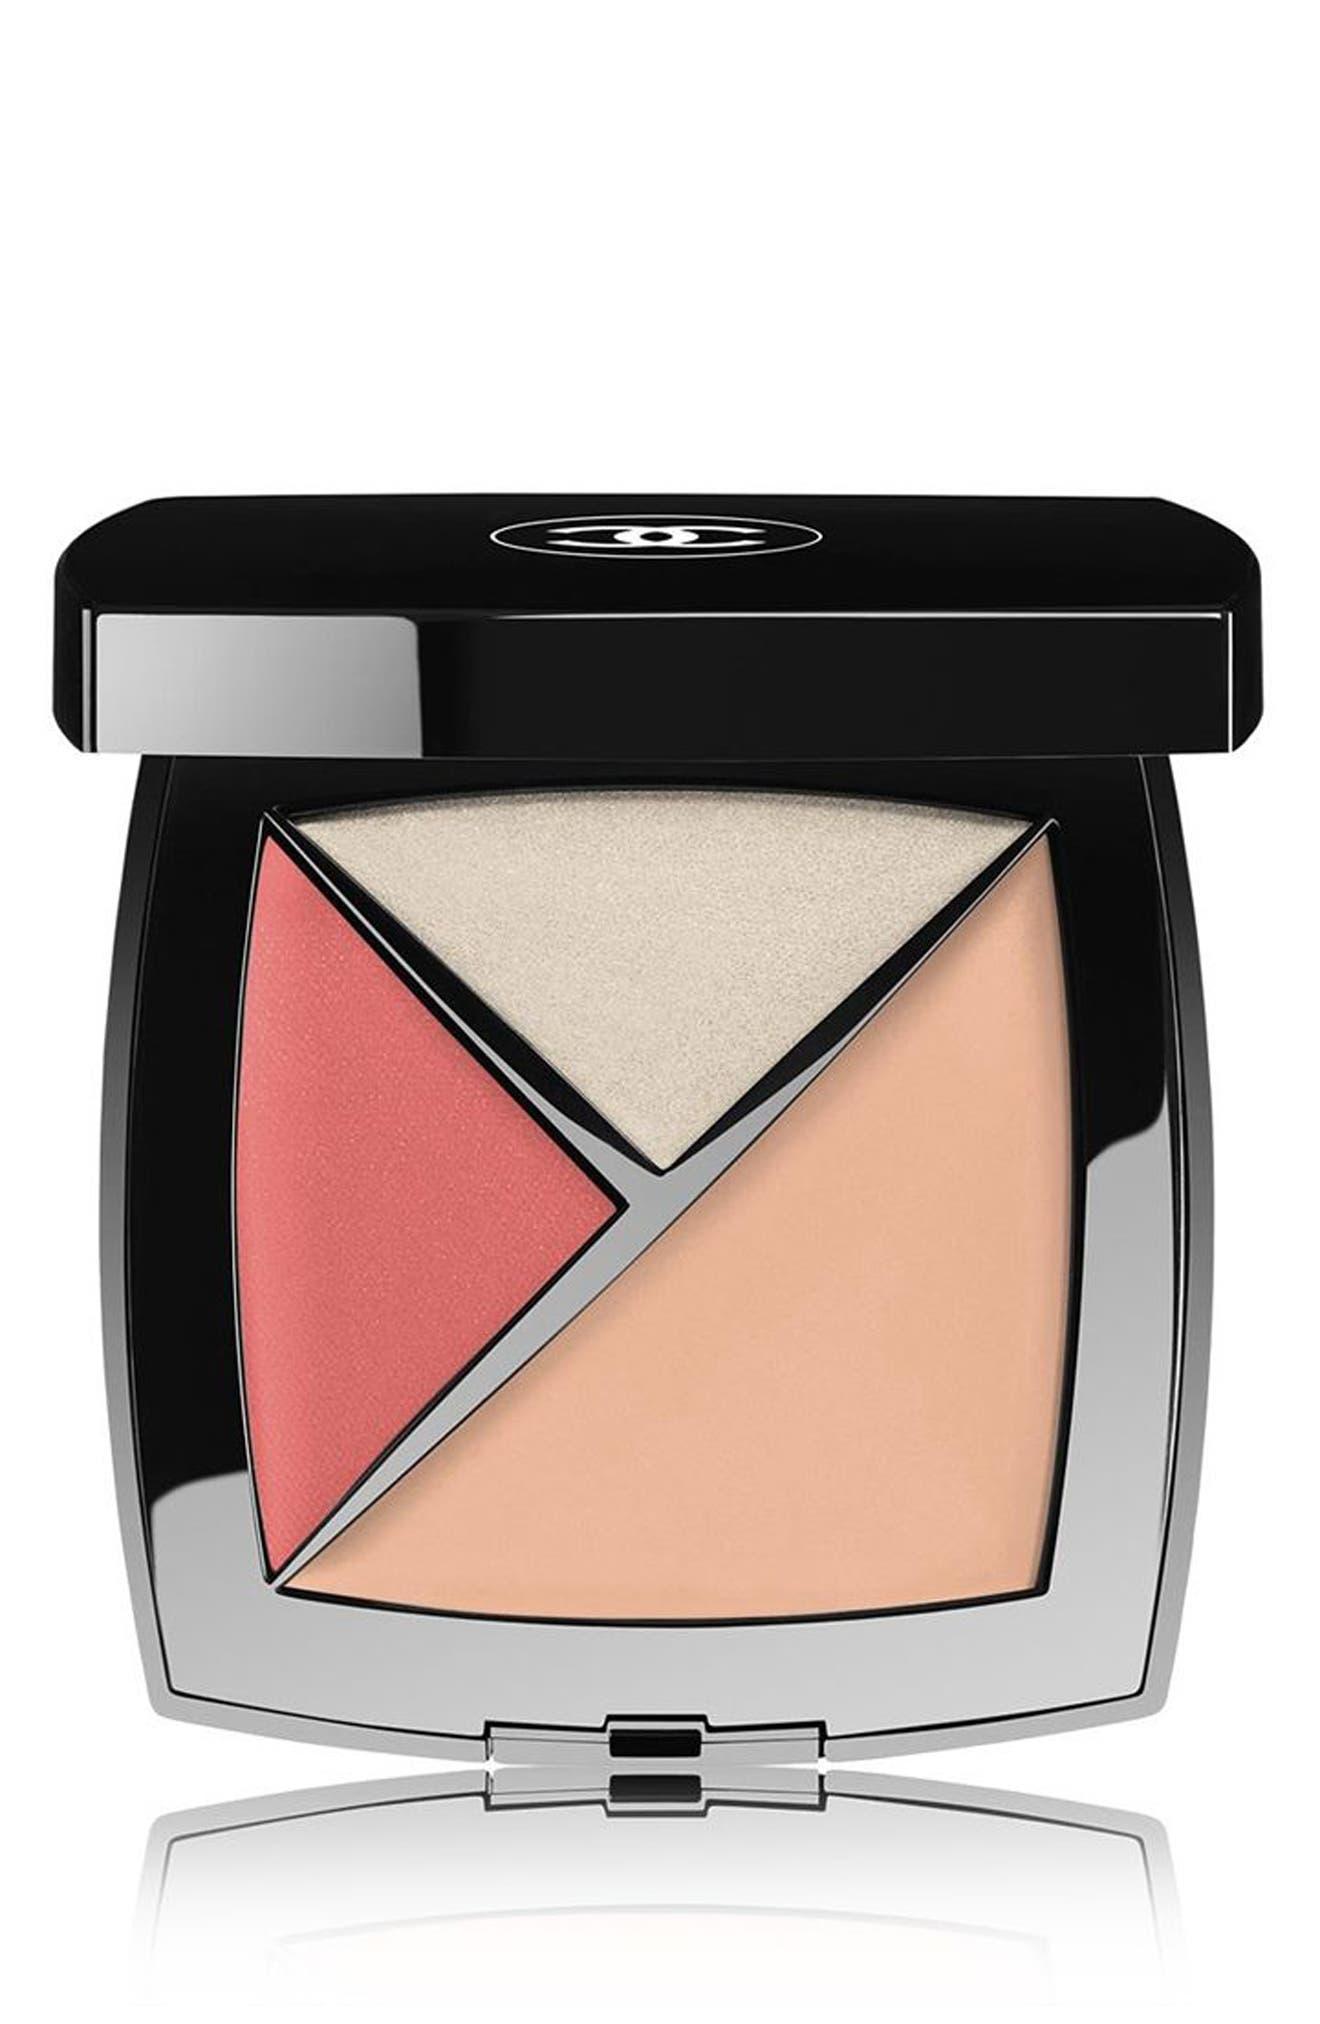 PALETTE ESSENTIELLE Conceal & Highlight Palette,                             Main thumbnail 1, color,                             180 Rose Petale